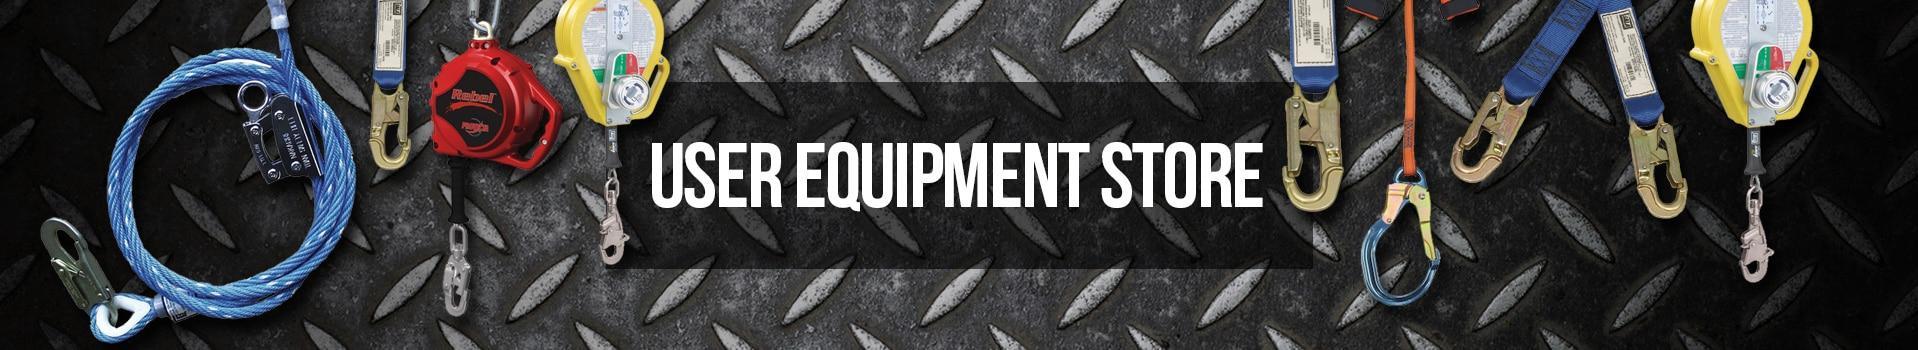 user-equipment-store